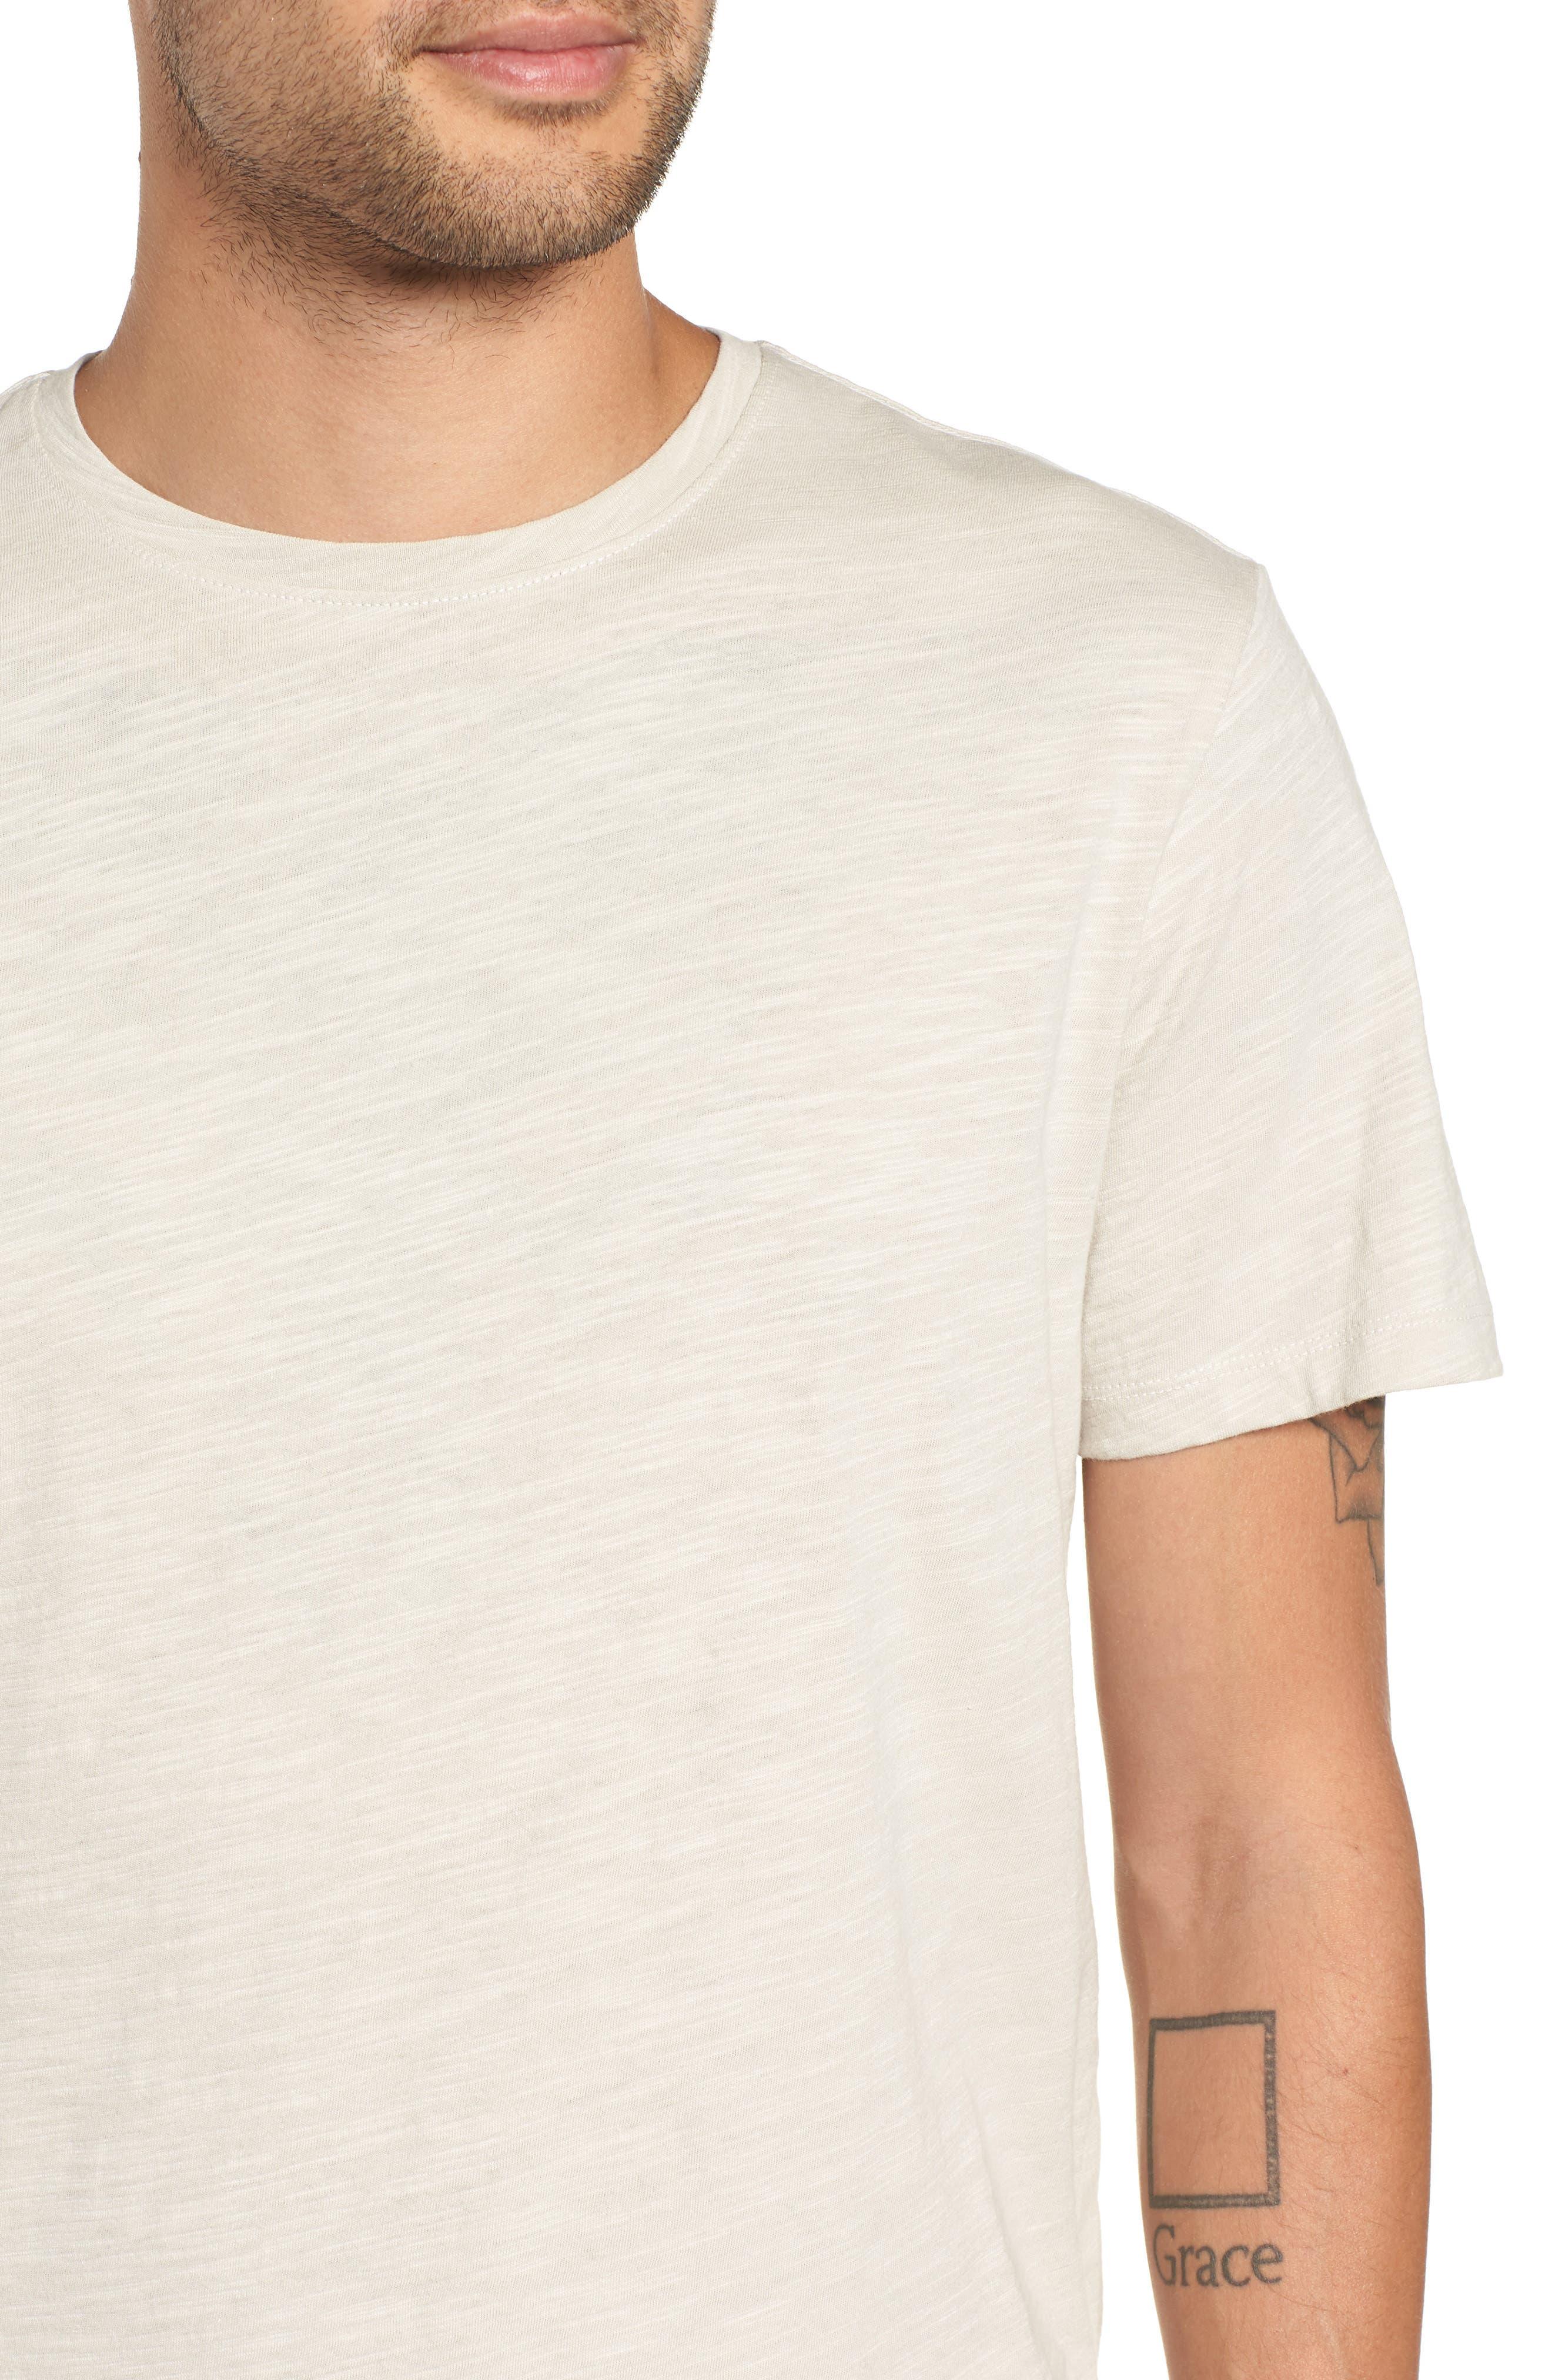 THE RAIL,                             Slub Knit T-Shirt,                             Alternate thumbnail 4, color,                             050